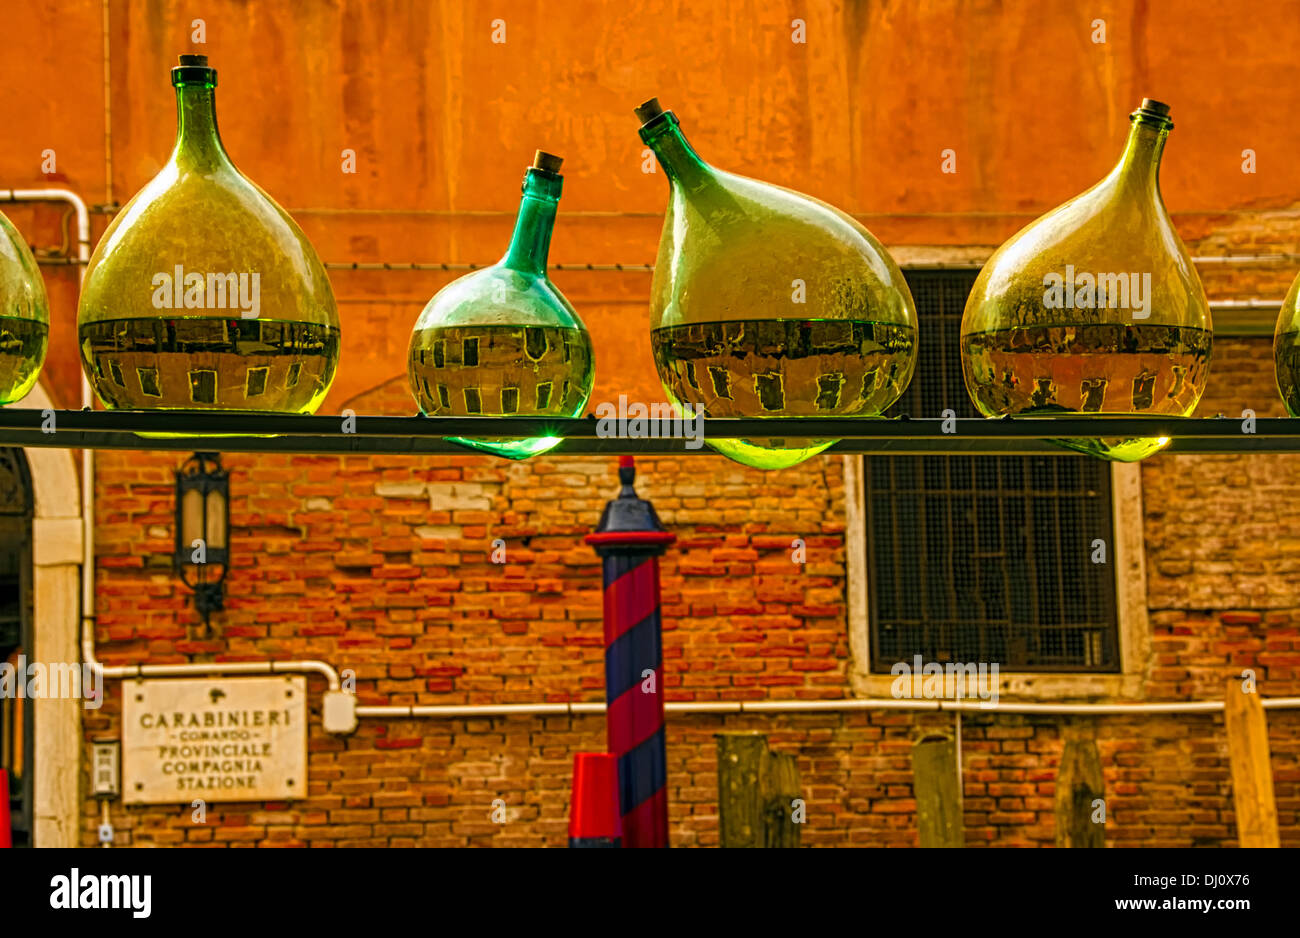 La disposizione delle vecchie bottiglie realizzate dalla Nuova Zelanda artista Bill Culbert presso la chiesa di Santa Maria della Pietà, Venezia, Italia. Immagini Stock